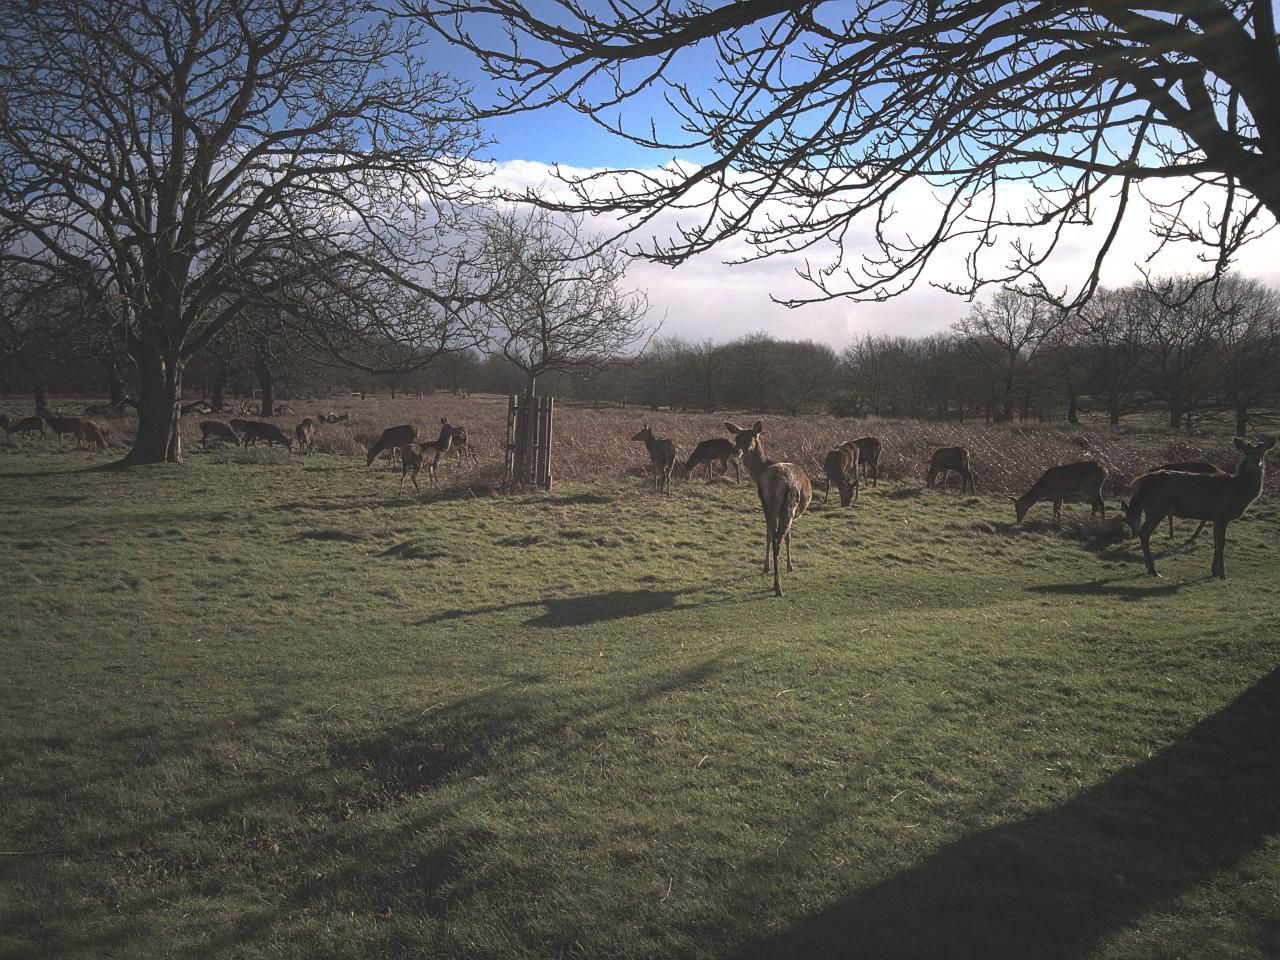 アカシカの雄の群れ|ロンドンのリッチモンド・パークにて|2016年2月2日撮影